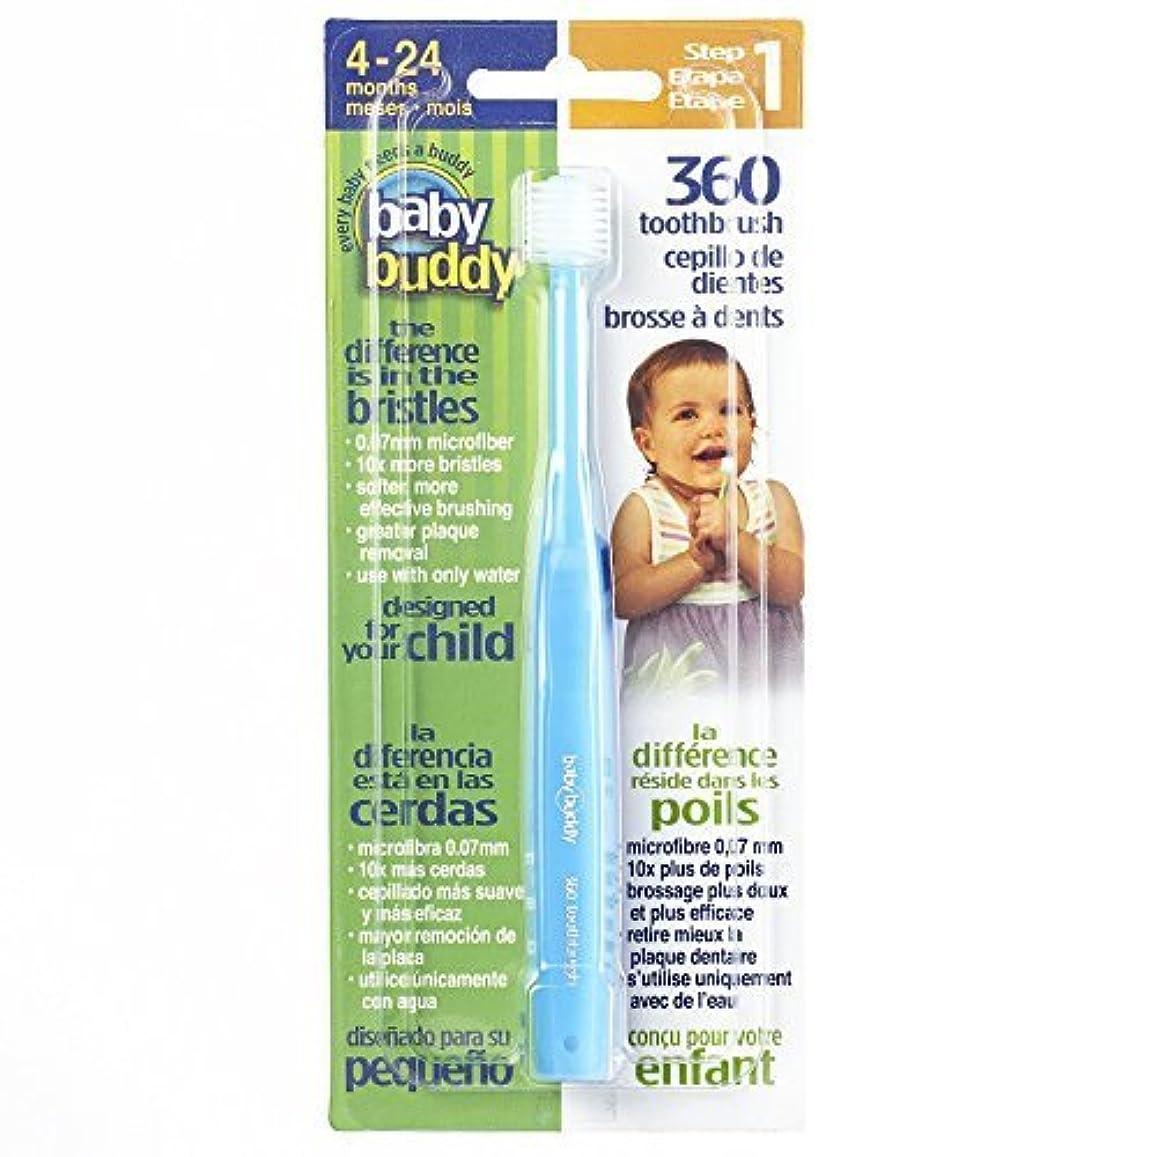 週間経過憎しみBaby Buddy 360 Toothbrush Step 1, Blue by Baby Buddy [並行輸入品]